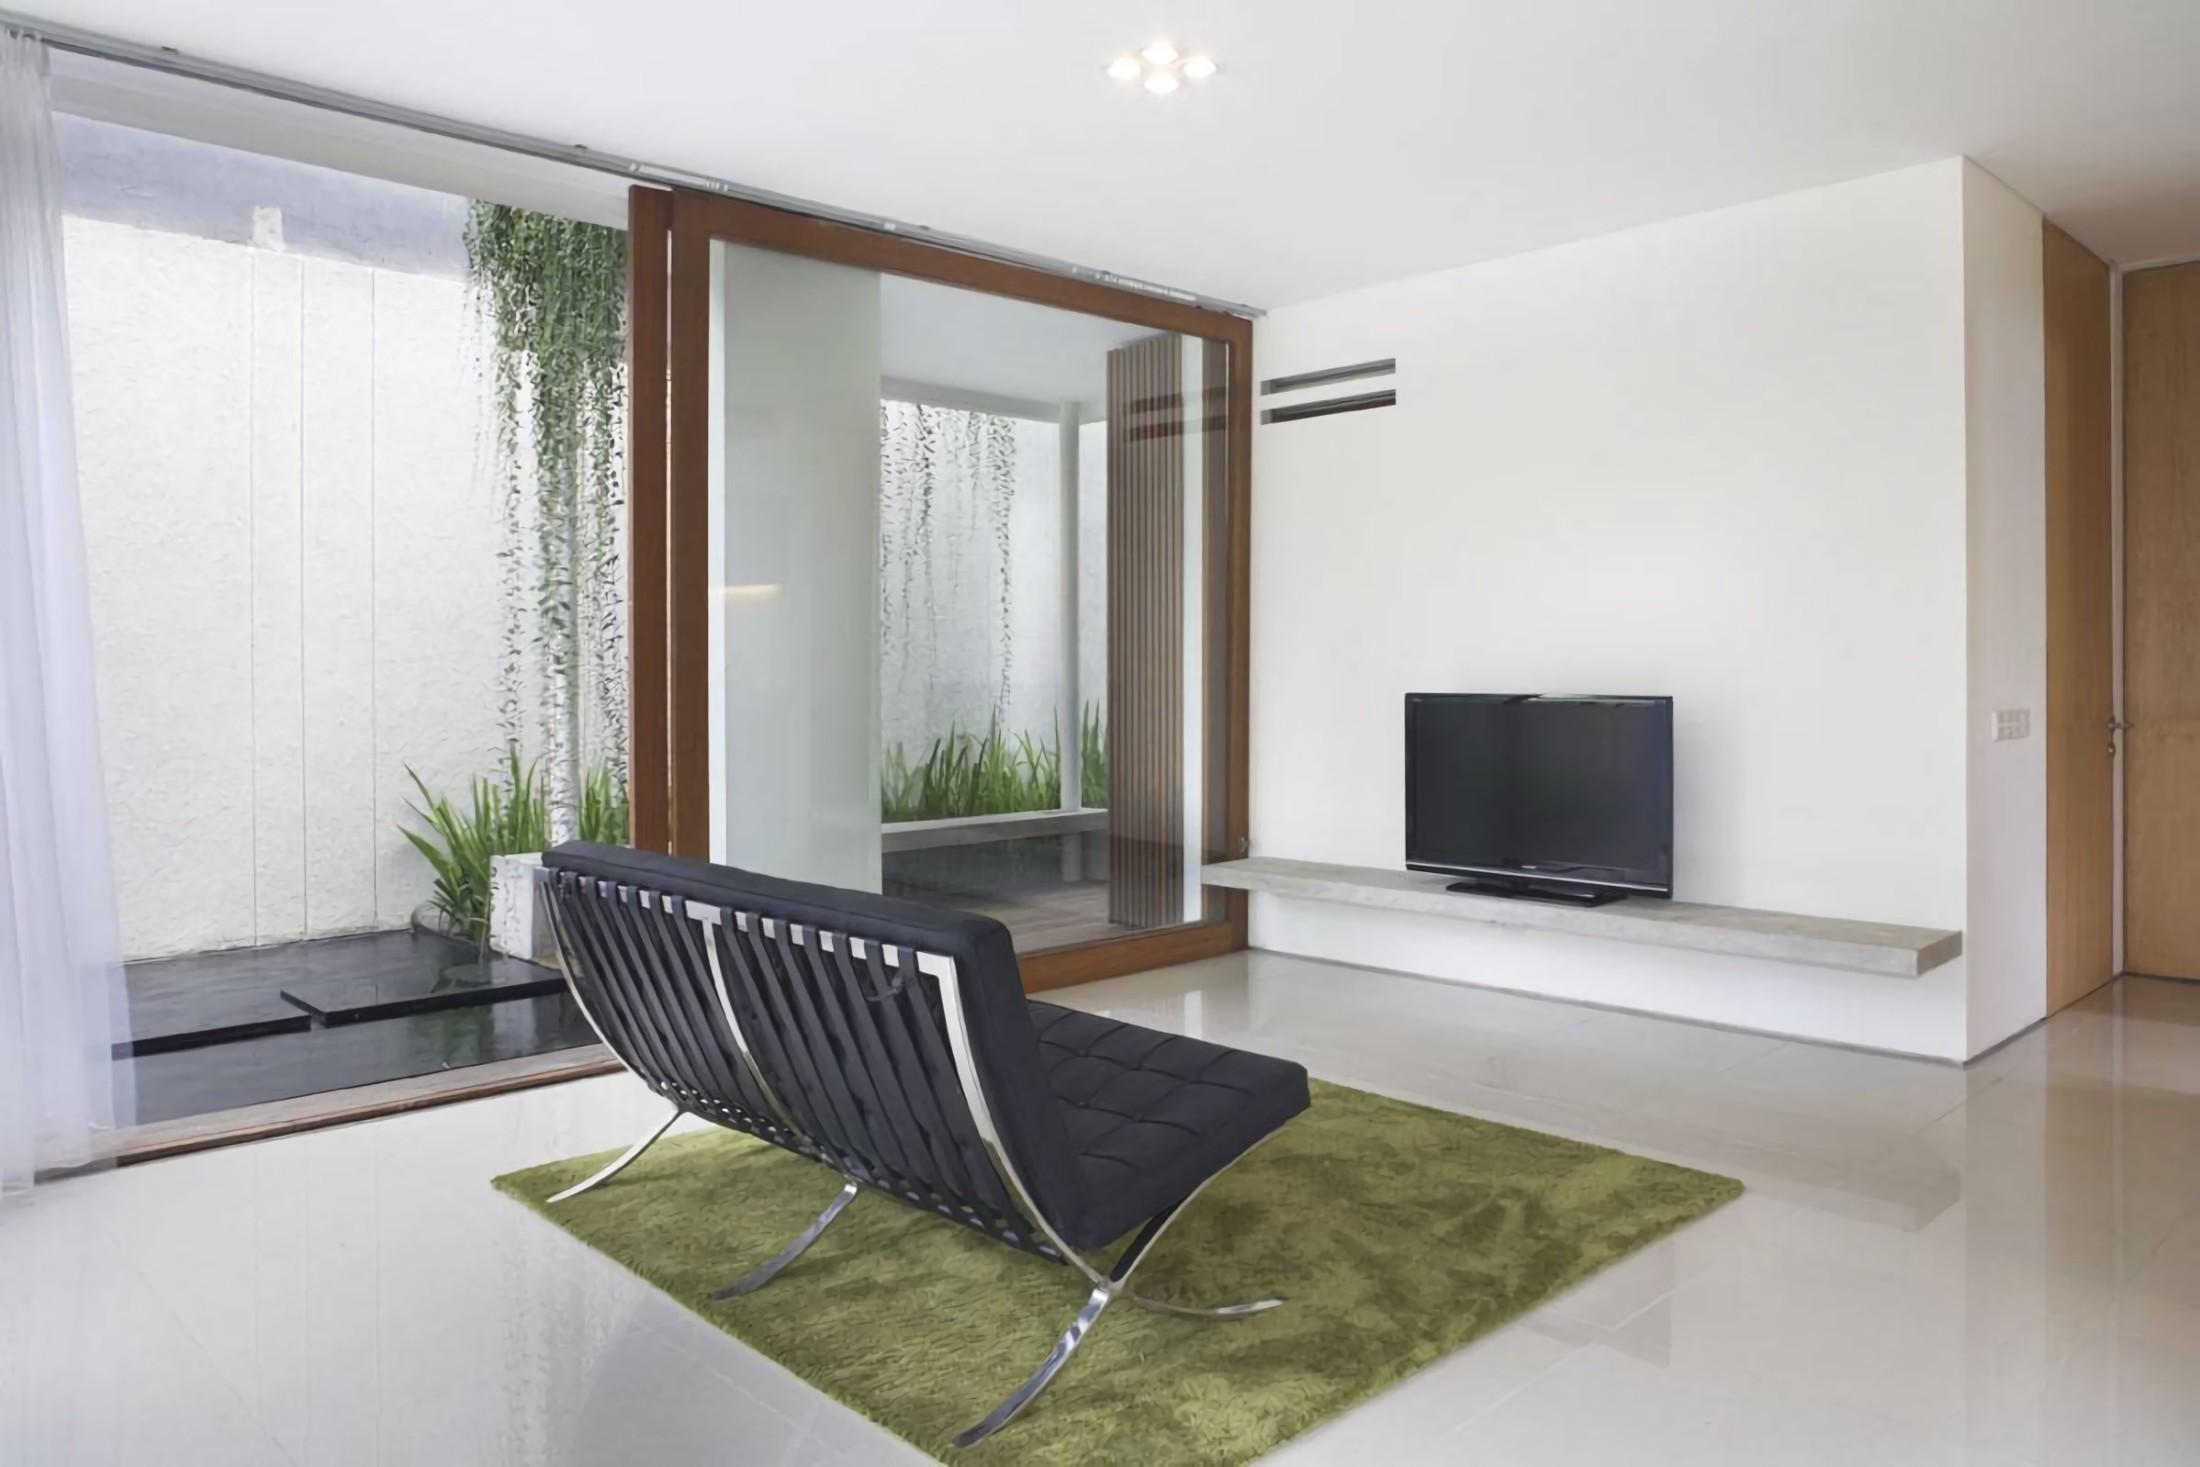 Ruang keluarga House at Legenda Wisata karya Sontang M Siregar tahun 2010 (Sumber: arsitag.com)